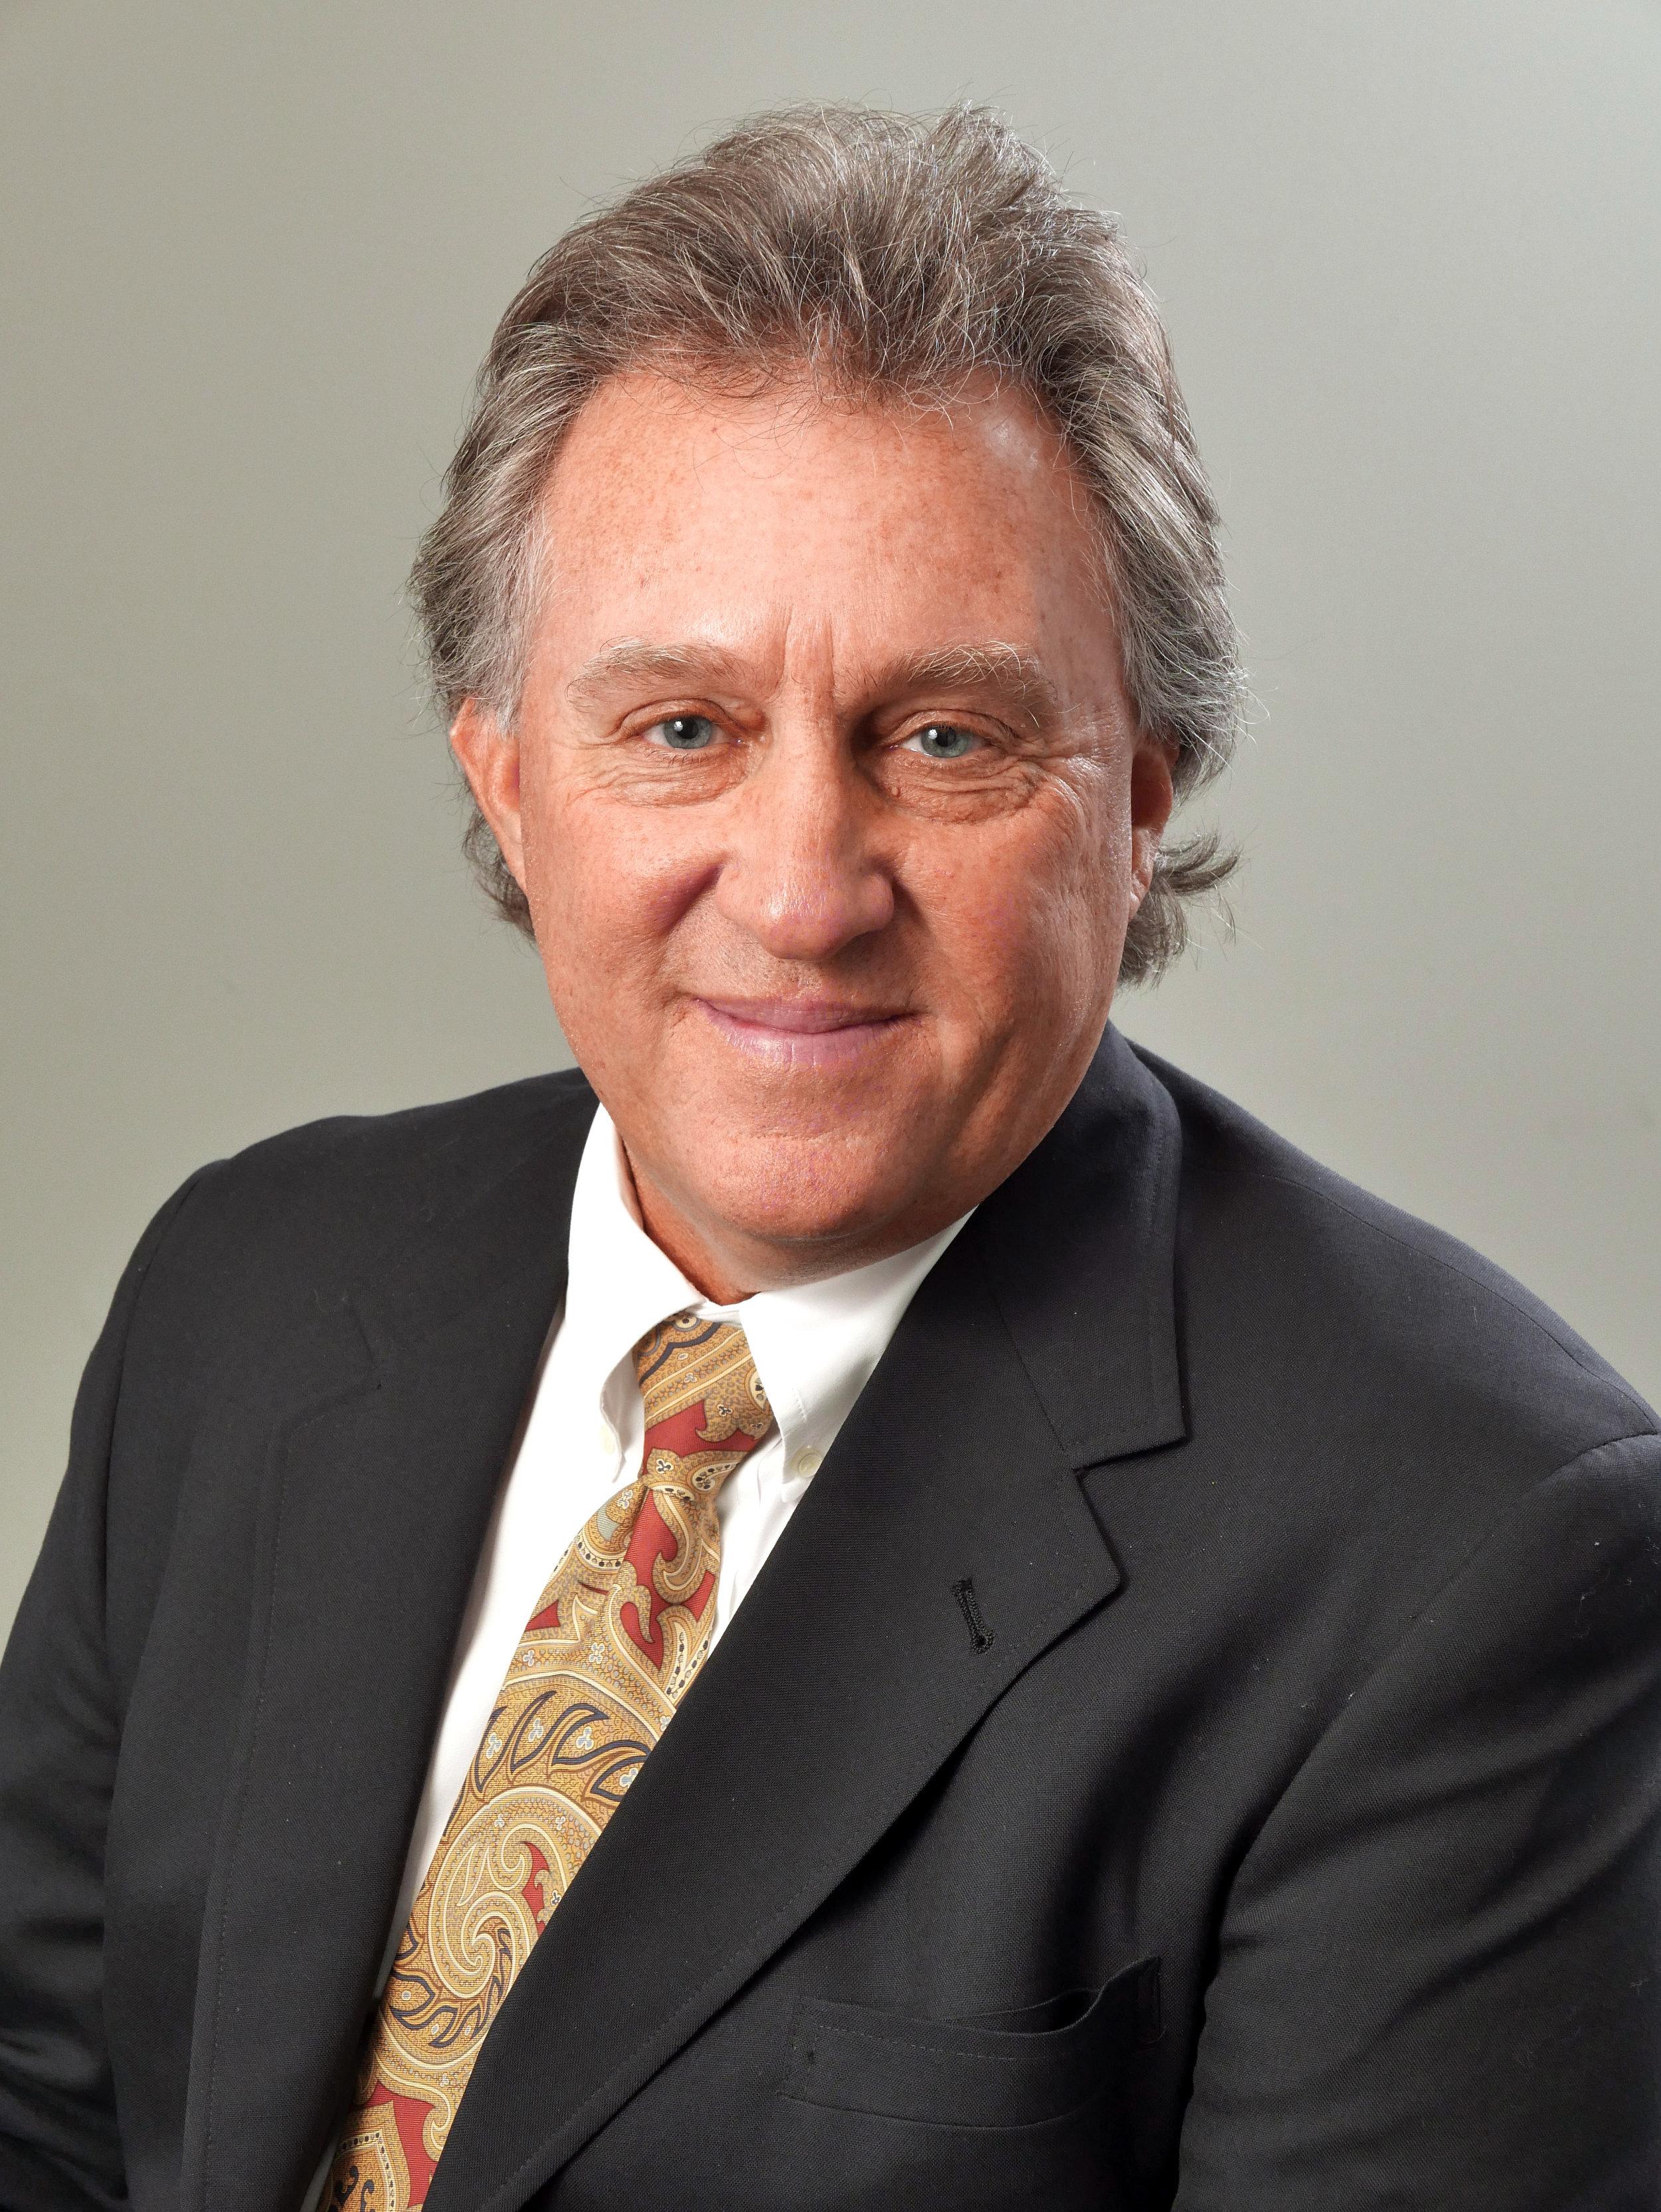 Ray Martin, Senior Advisor